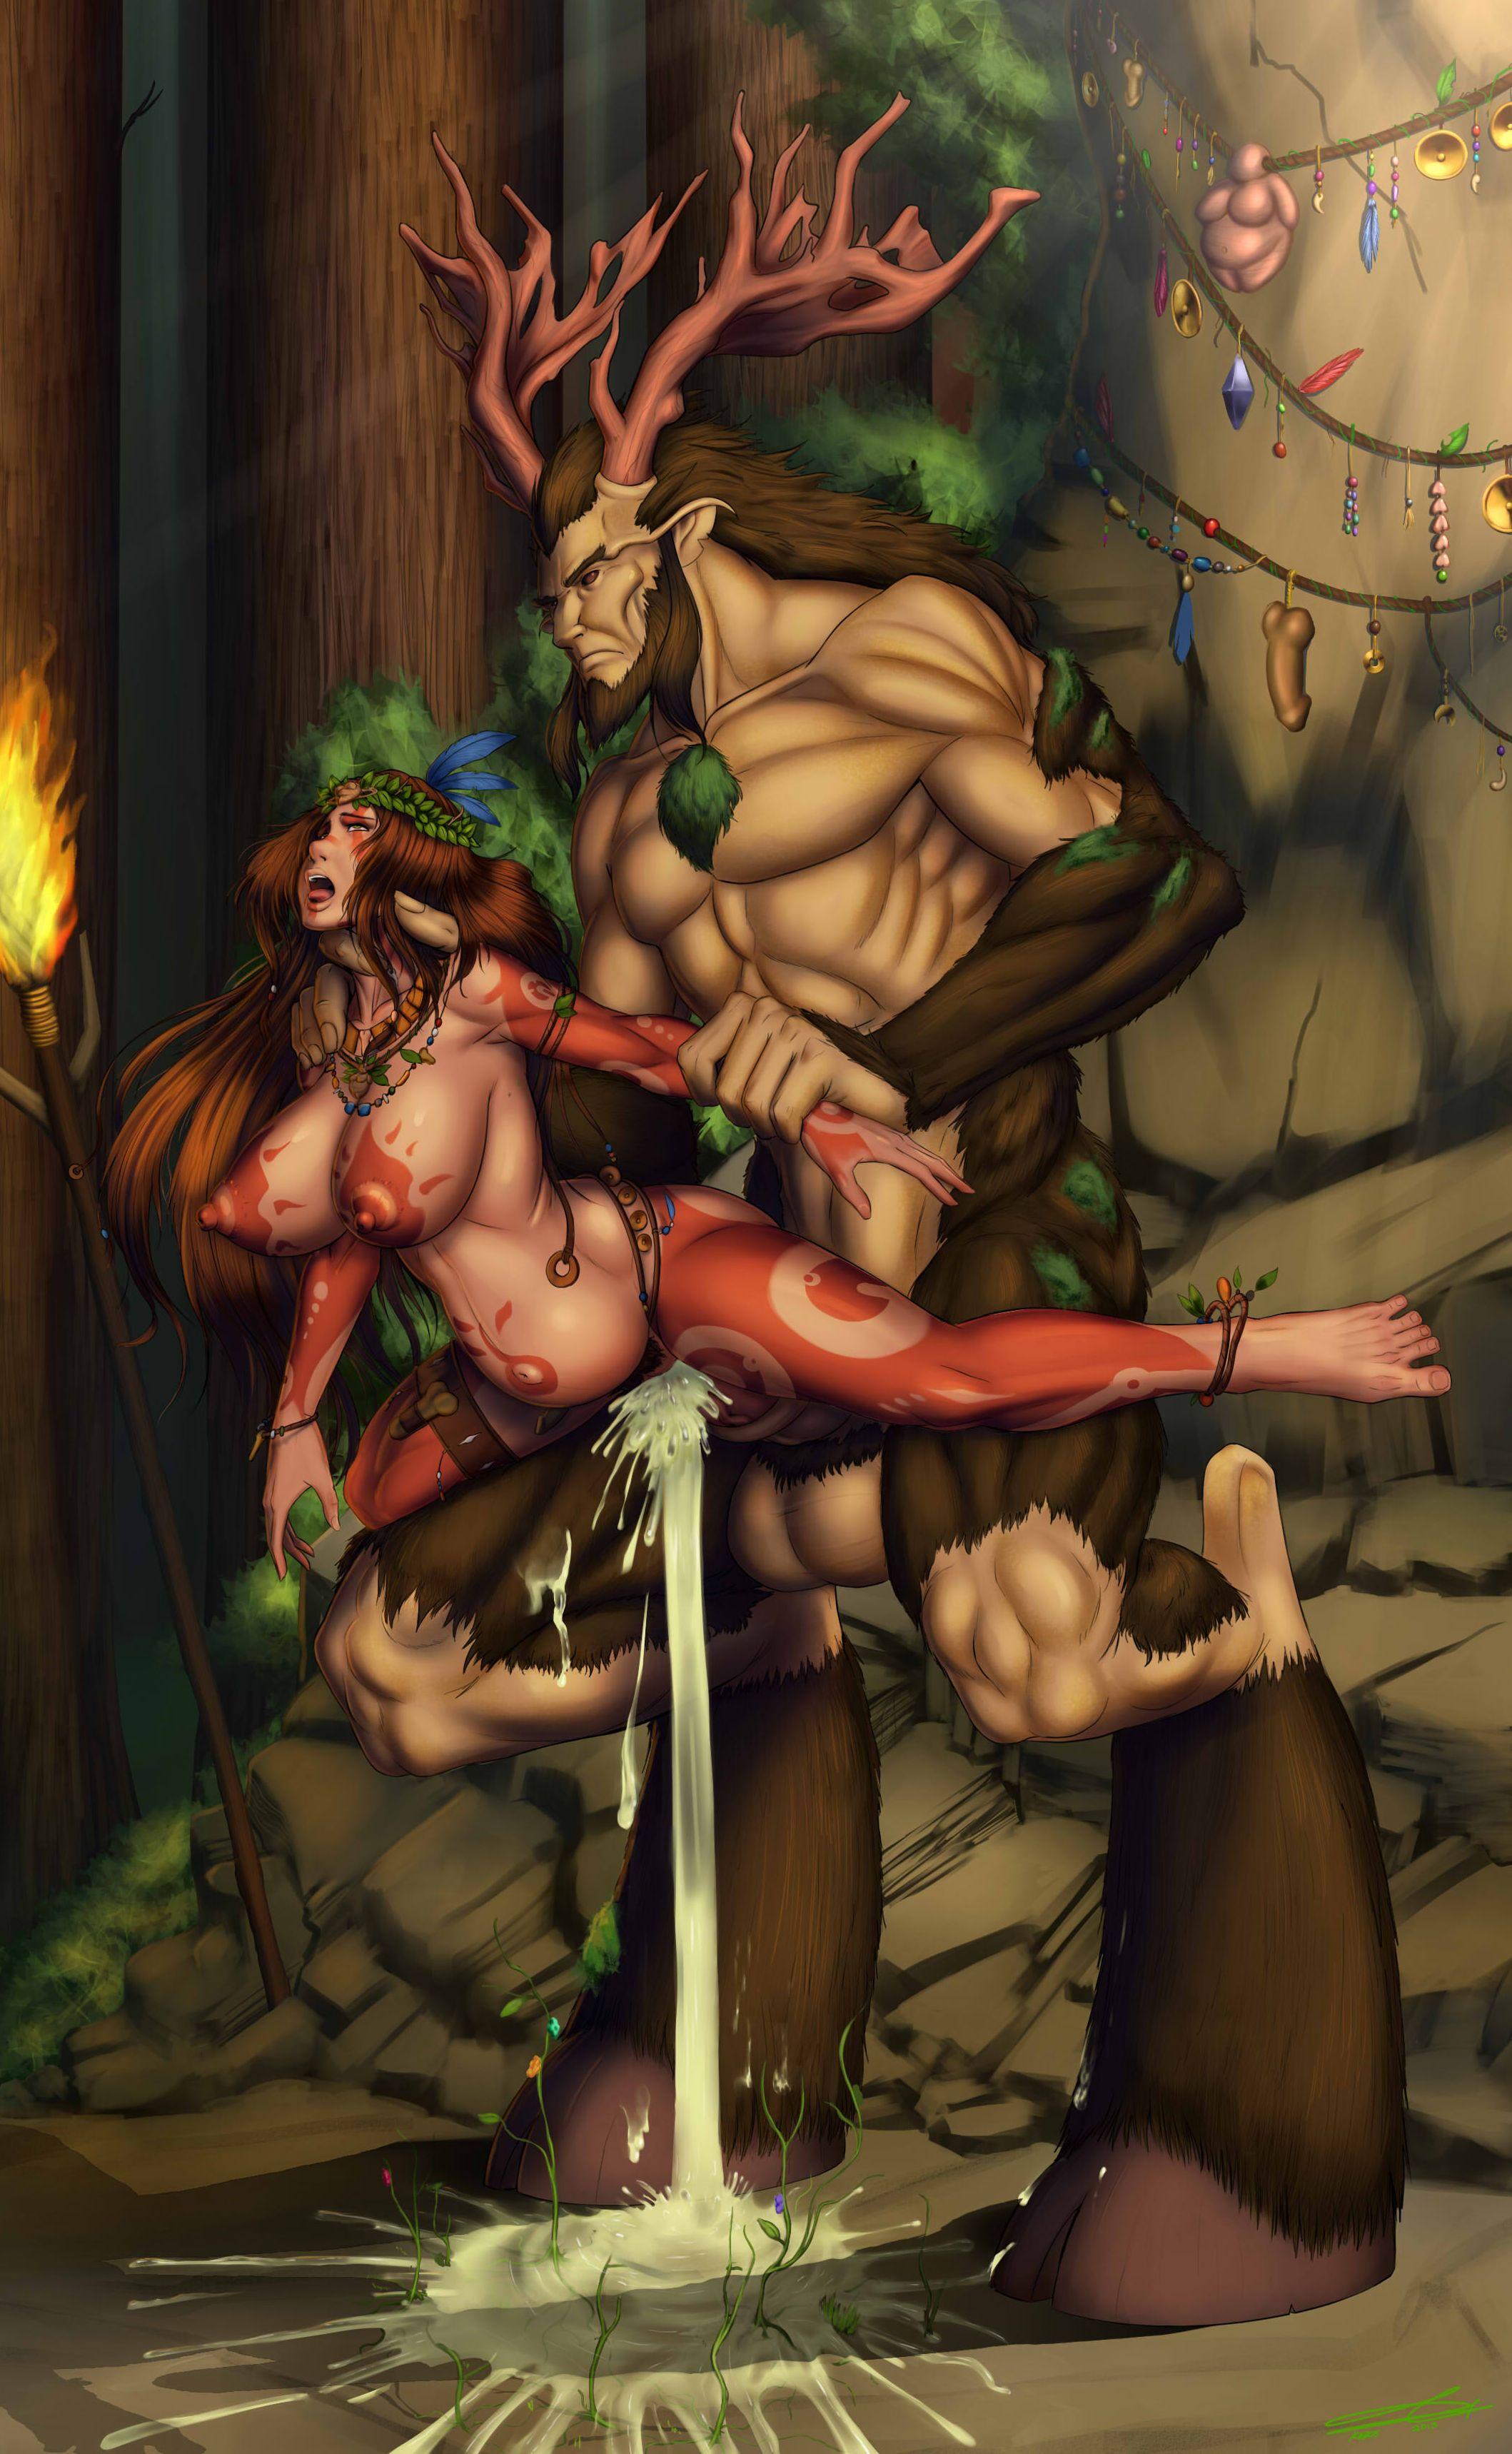 Satyr elf porn xxx galleries